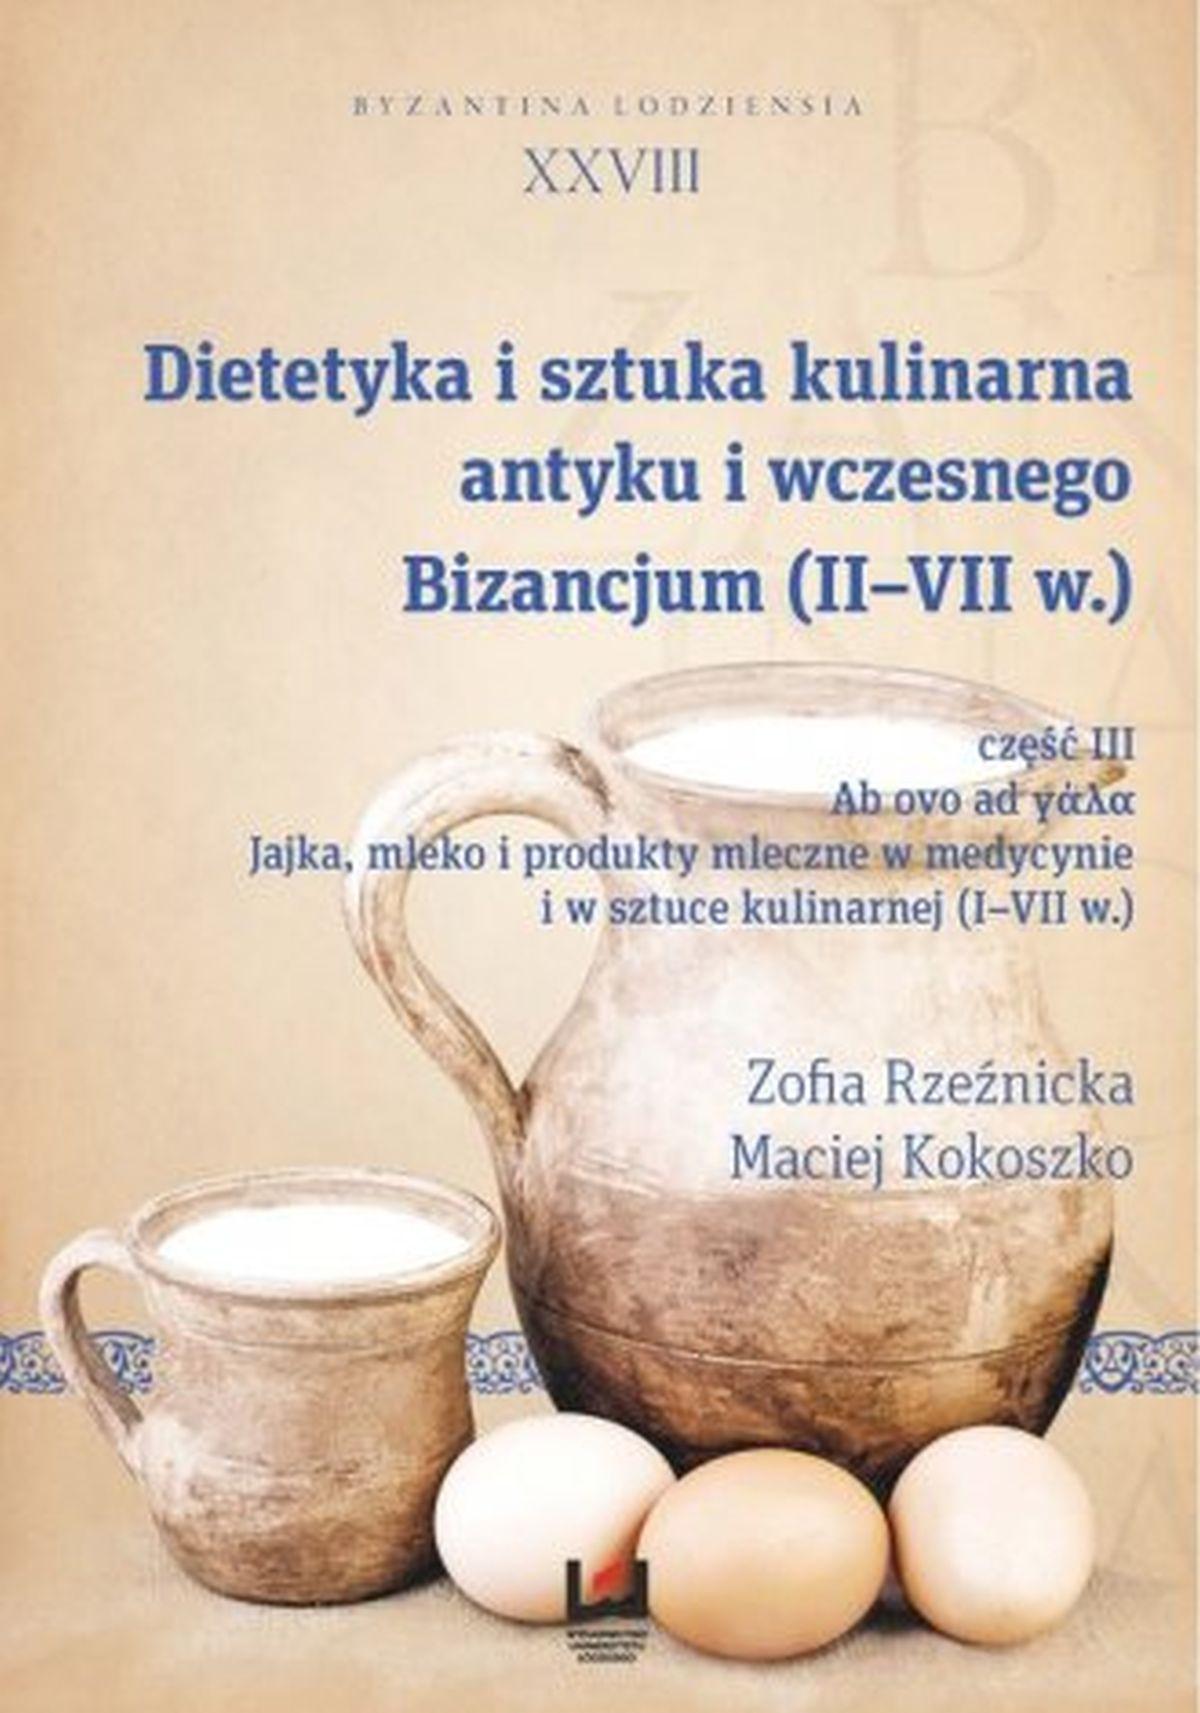 Dietetyka i sztuka kulinarna antyku i wczesnego Bizancjum (II-VII w.), cz. III. Jajka, mleko i produkty mleczne w medycynie i w sztuce kulinarnej (I-VII w.)